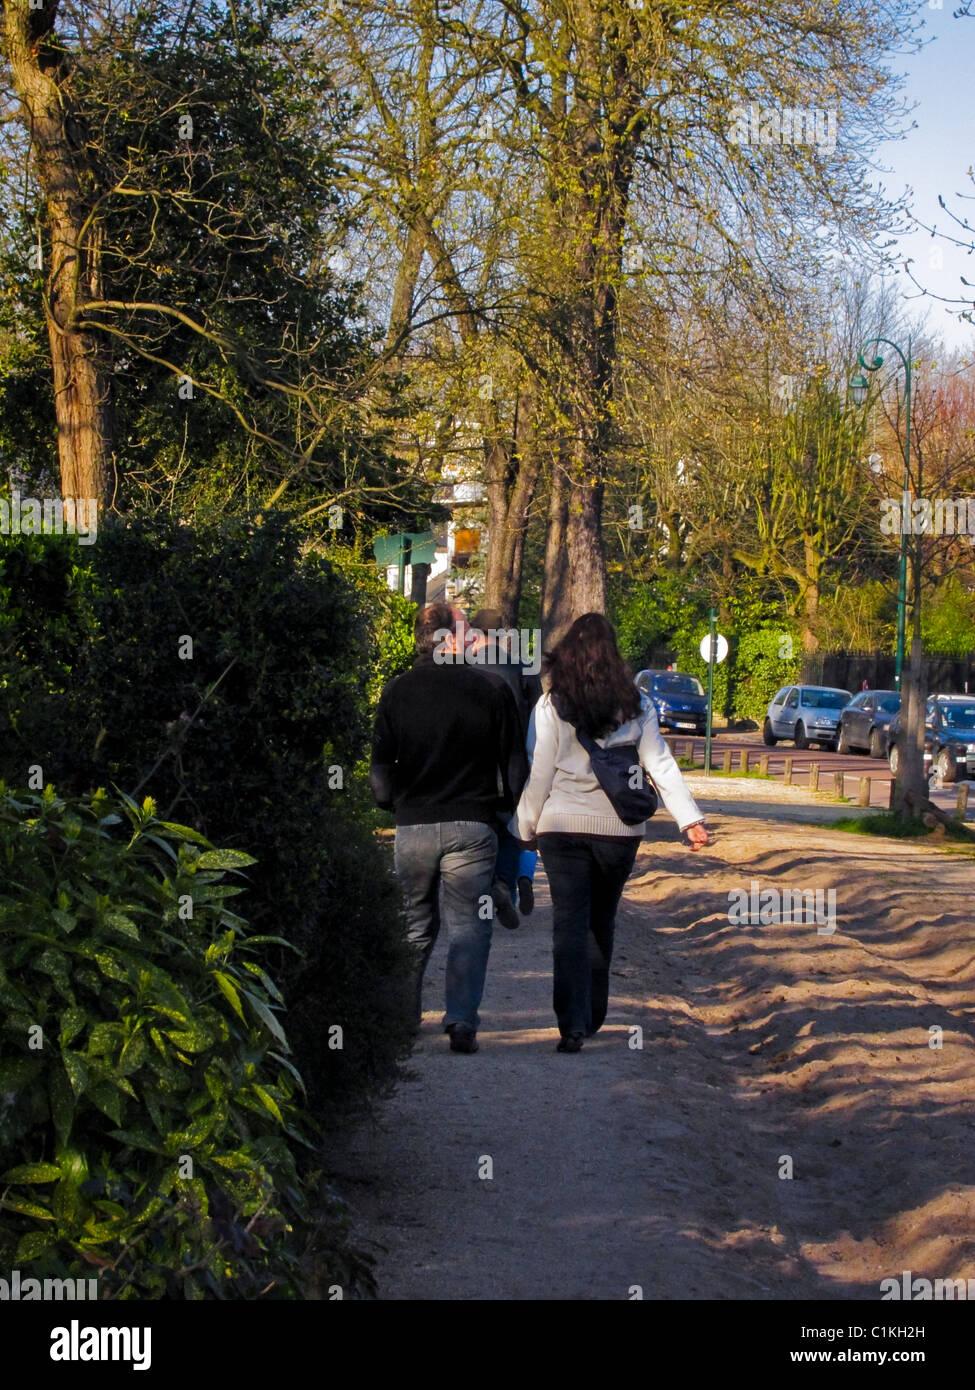 Paris, France, Couple Rear, Promenading in 'Bois de Vincennes', Jardin d'Agronomie Tropicale, Walking - Stock Image